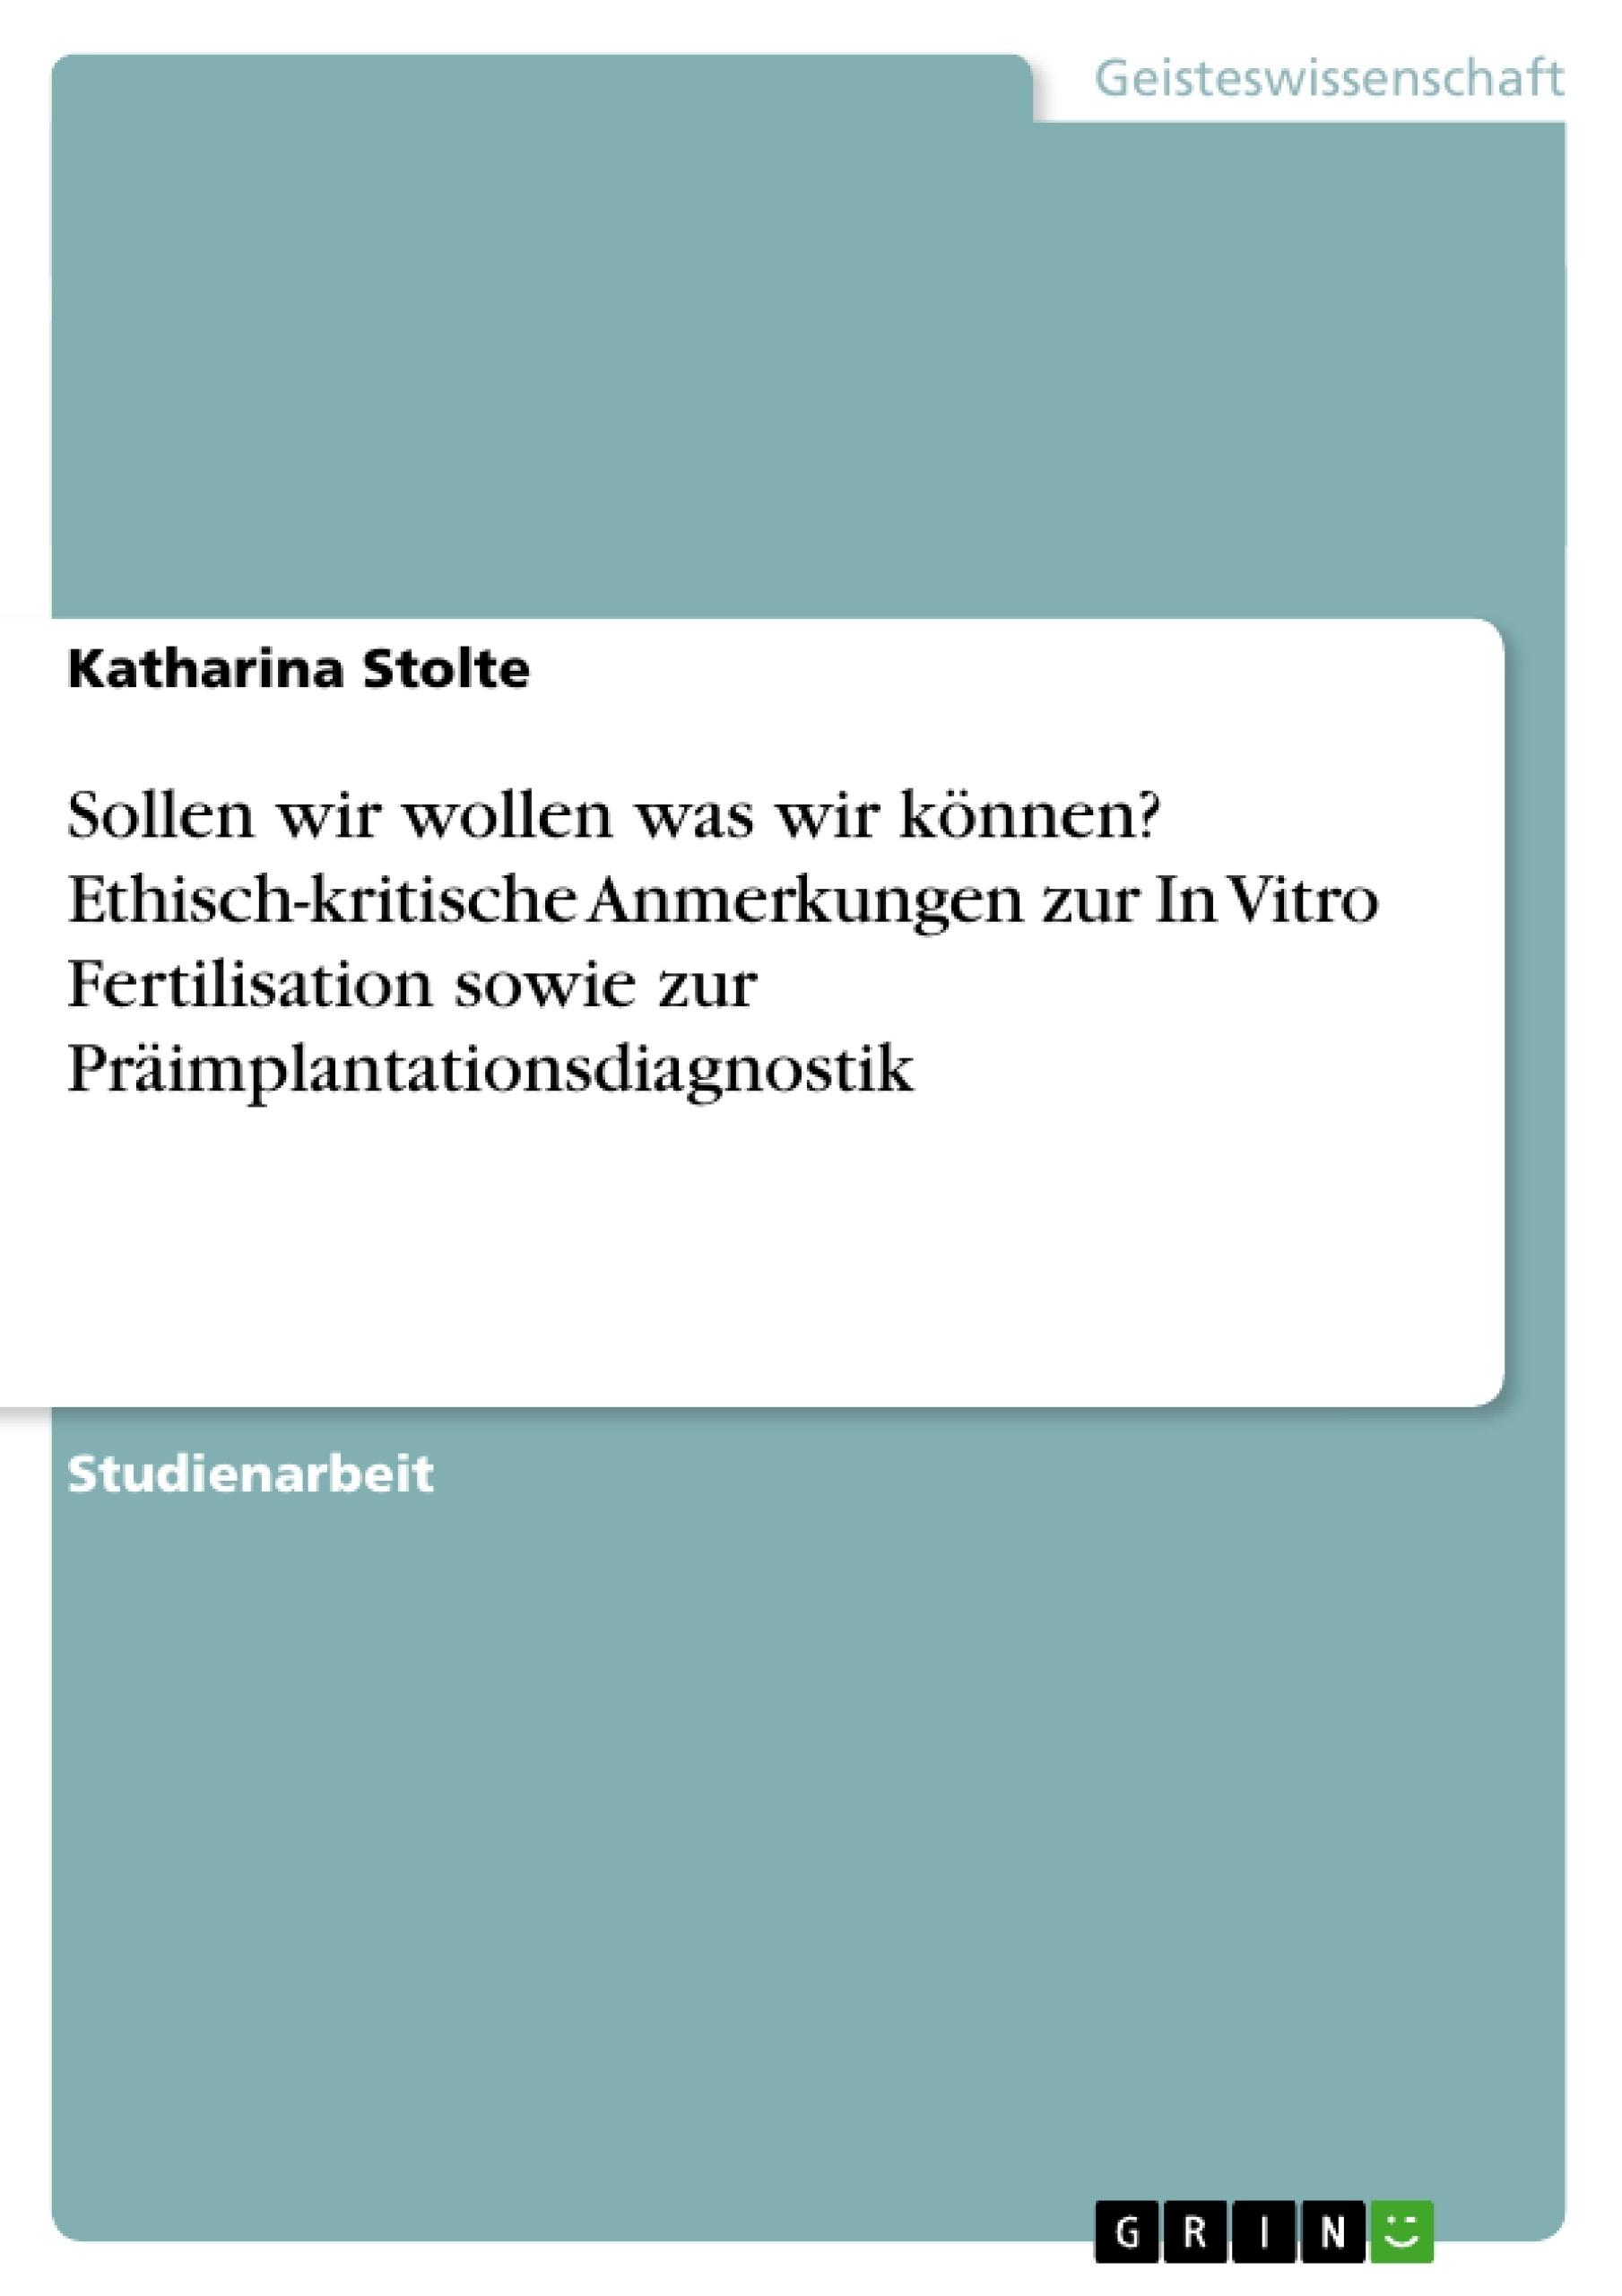 Titel: Sollen wir wollen was wir können? Ethisch-kritische Anmerkungen zur In Vitro Fertilisation sowie zur Präimplantationsdiagnostik